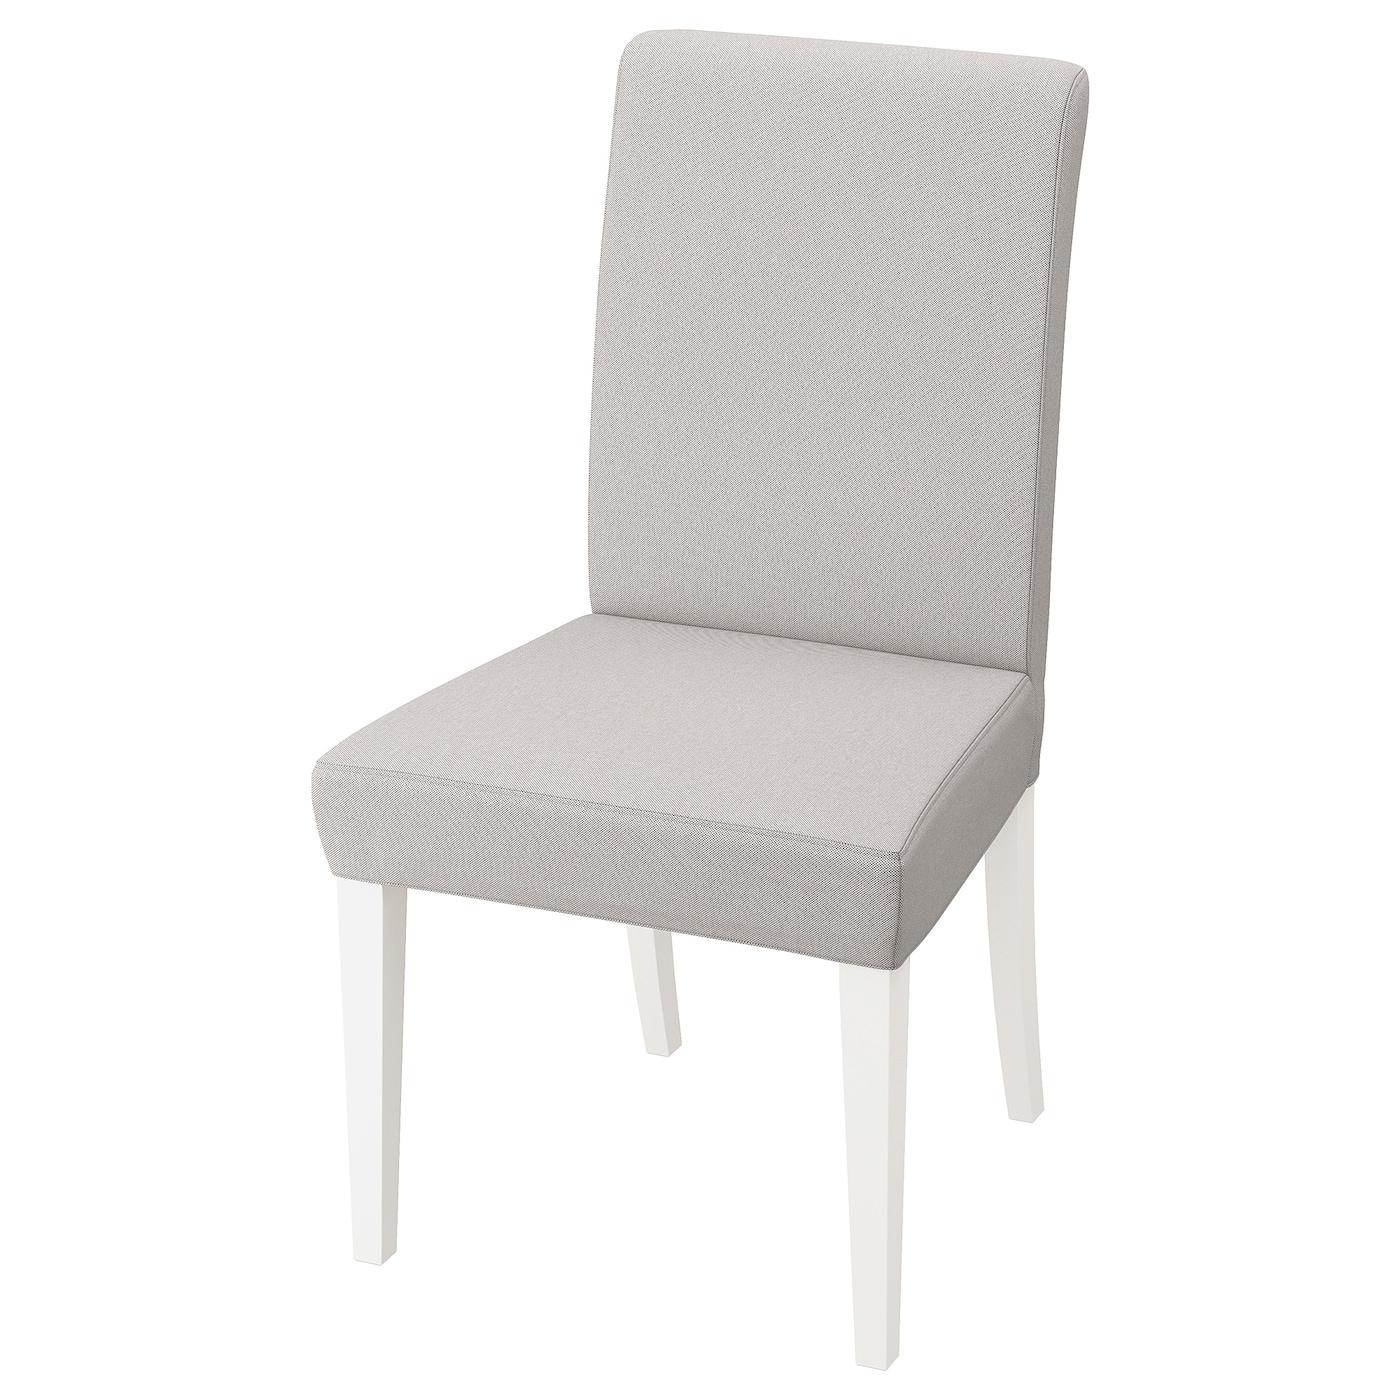 HENRIKSDAL Stol, Orrsta ljusgrå, Testad för: 110 kg IKEA